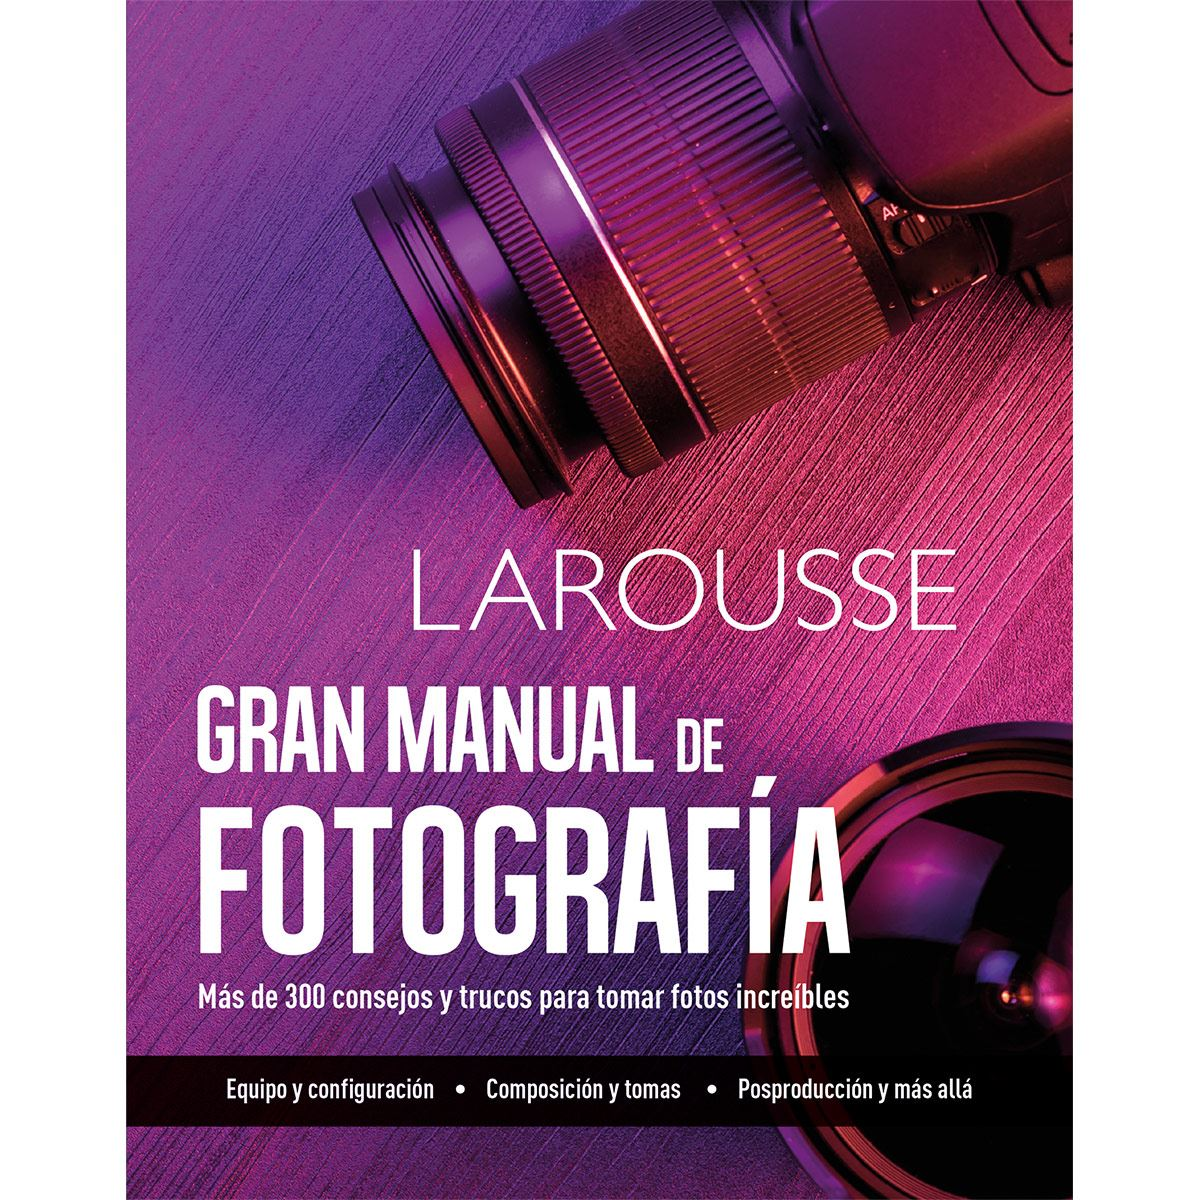 Gran manual fotografía edición 2020